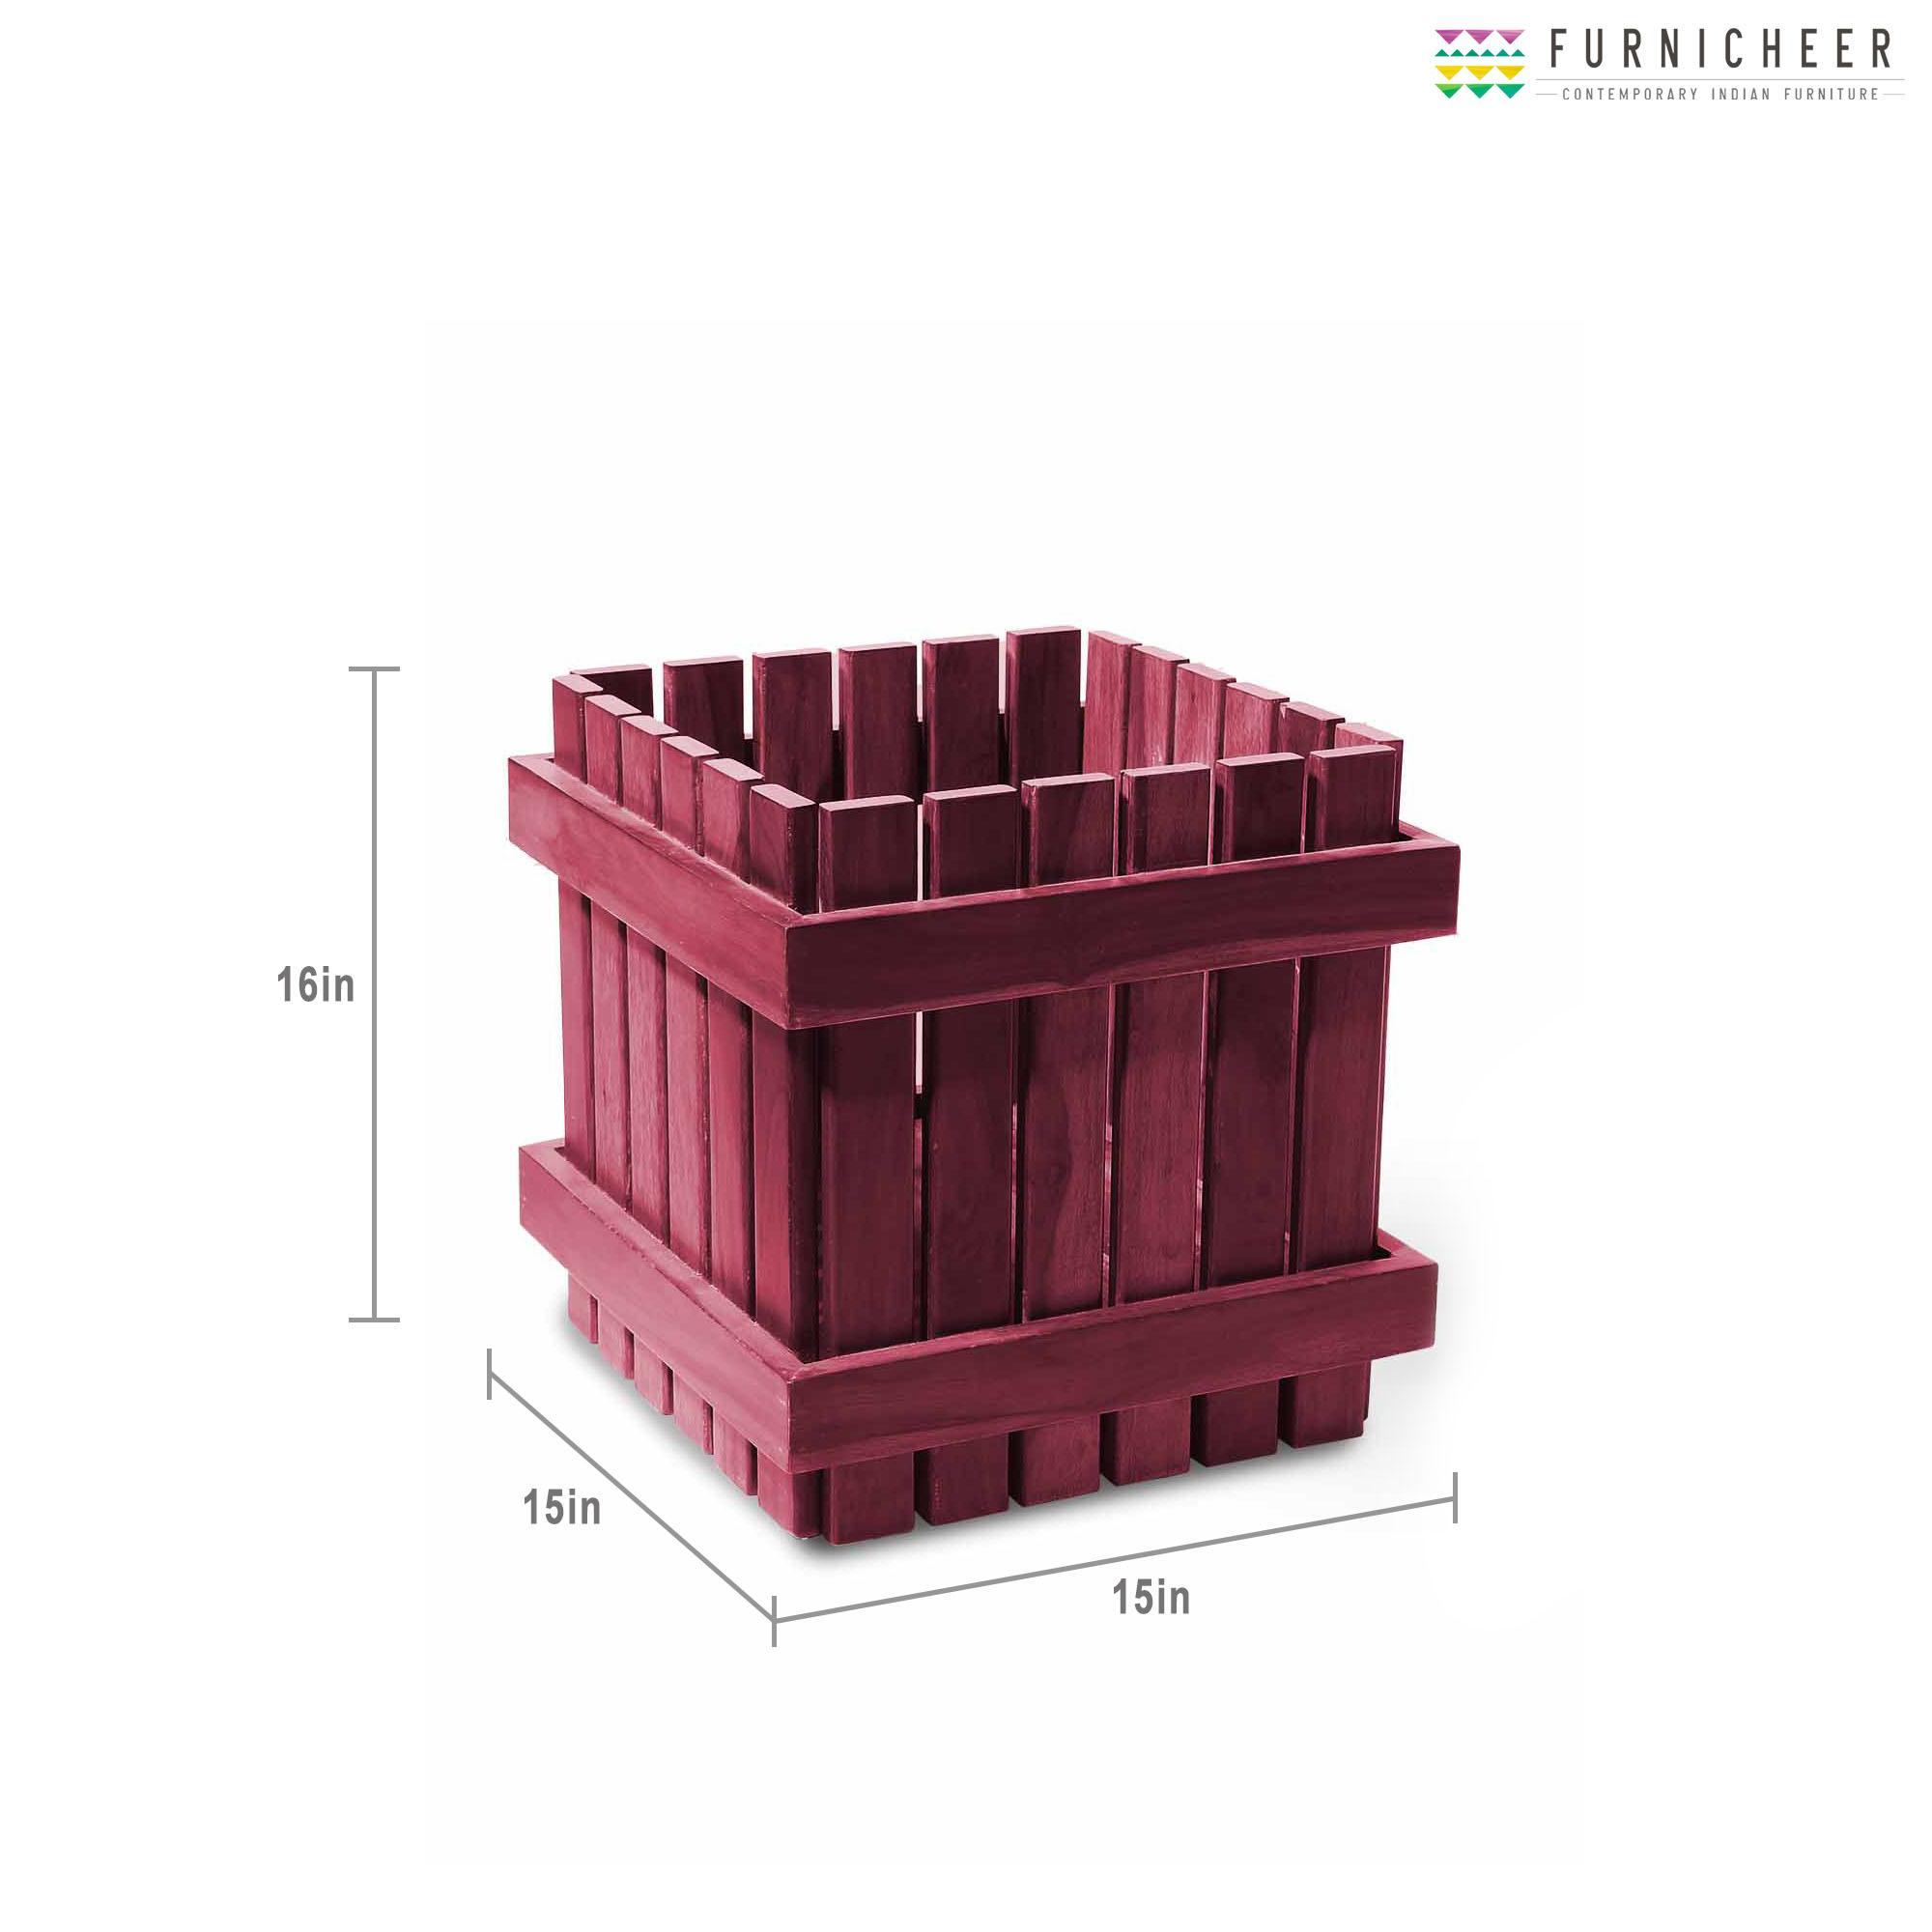 3.PLANTER SKU PLBP0005